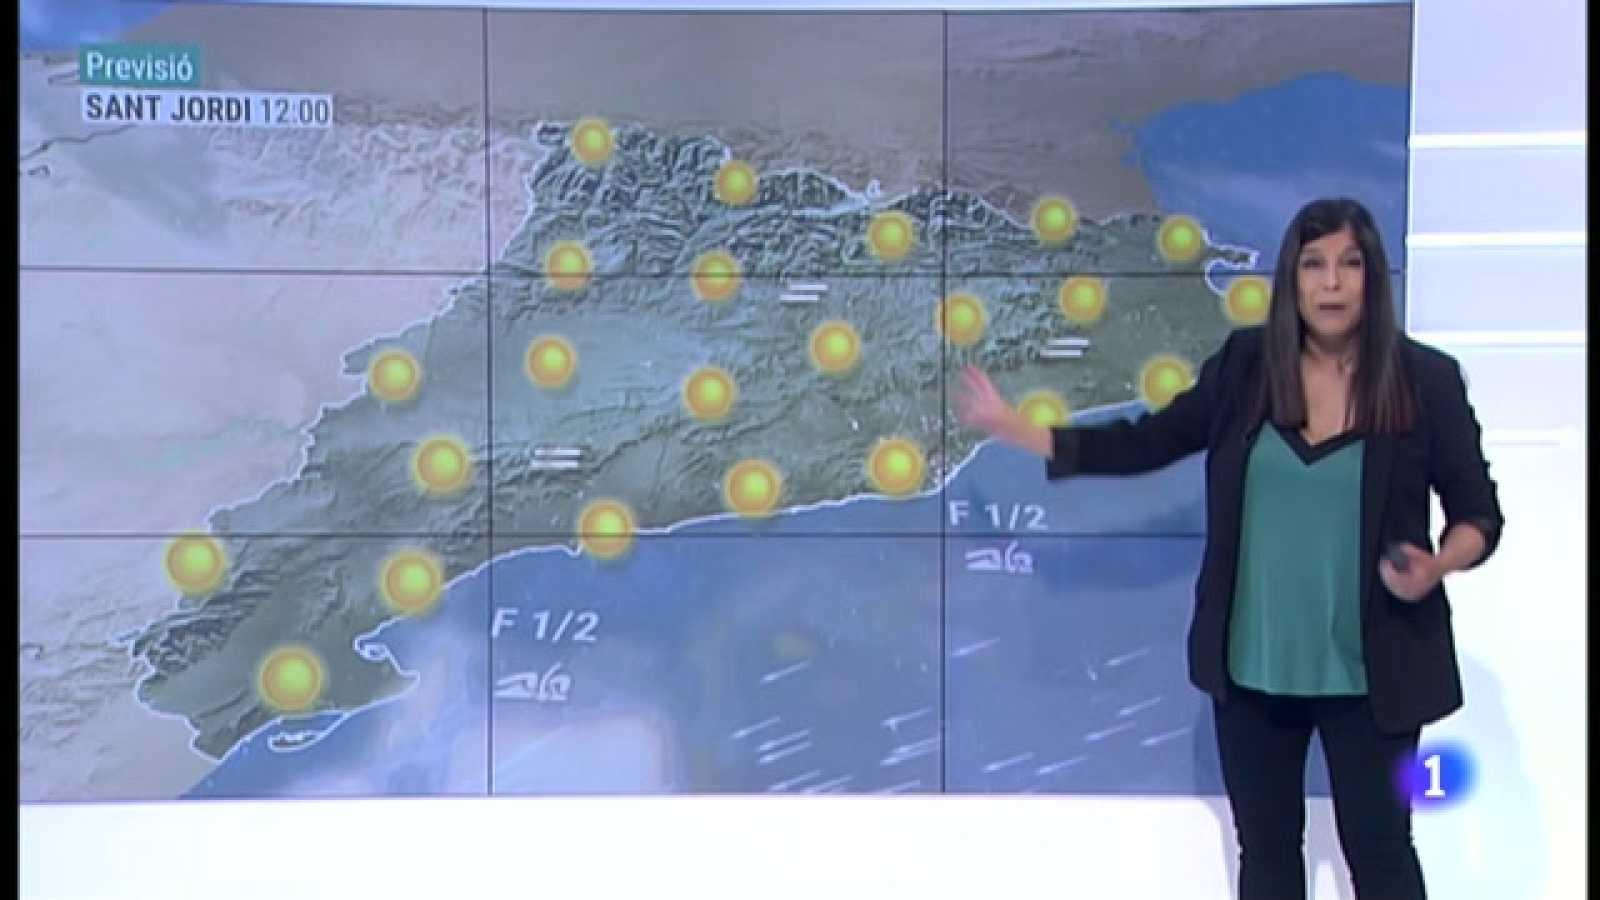 El Temps (22/04/2021) - Dijous de núvols i fresca. Sant Jordi, de sol i caloreta